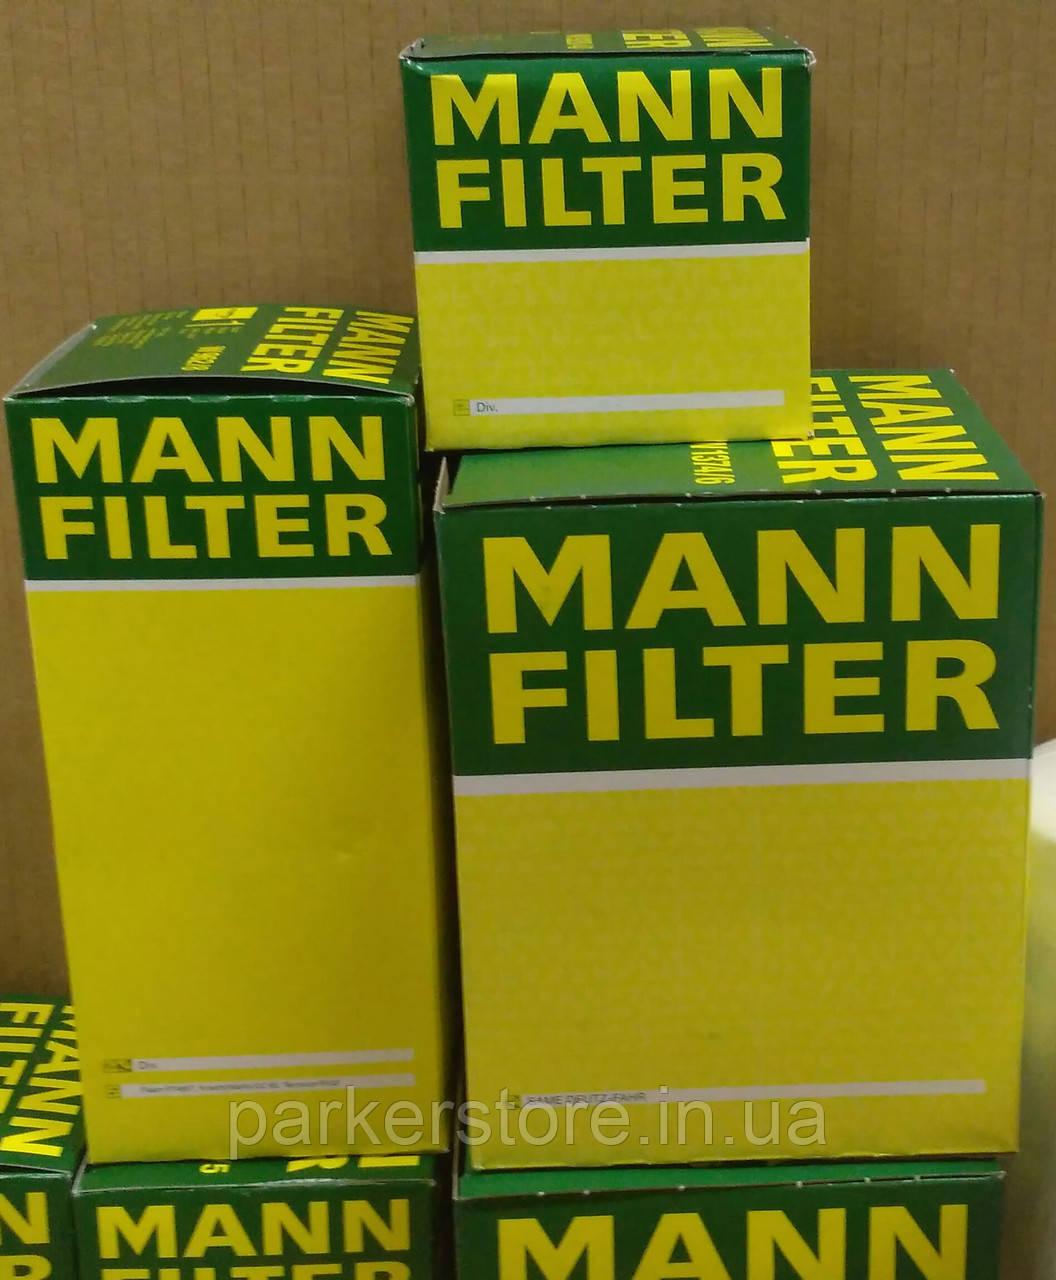 MANN FILTER / Воздушный фильтр / C 27 154/1 / C27154/1